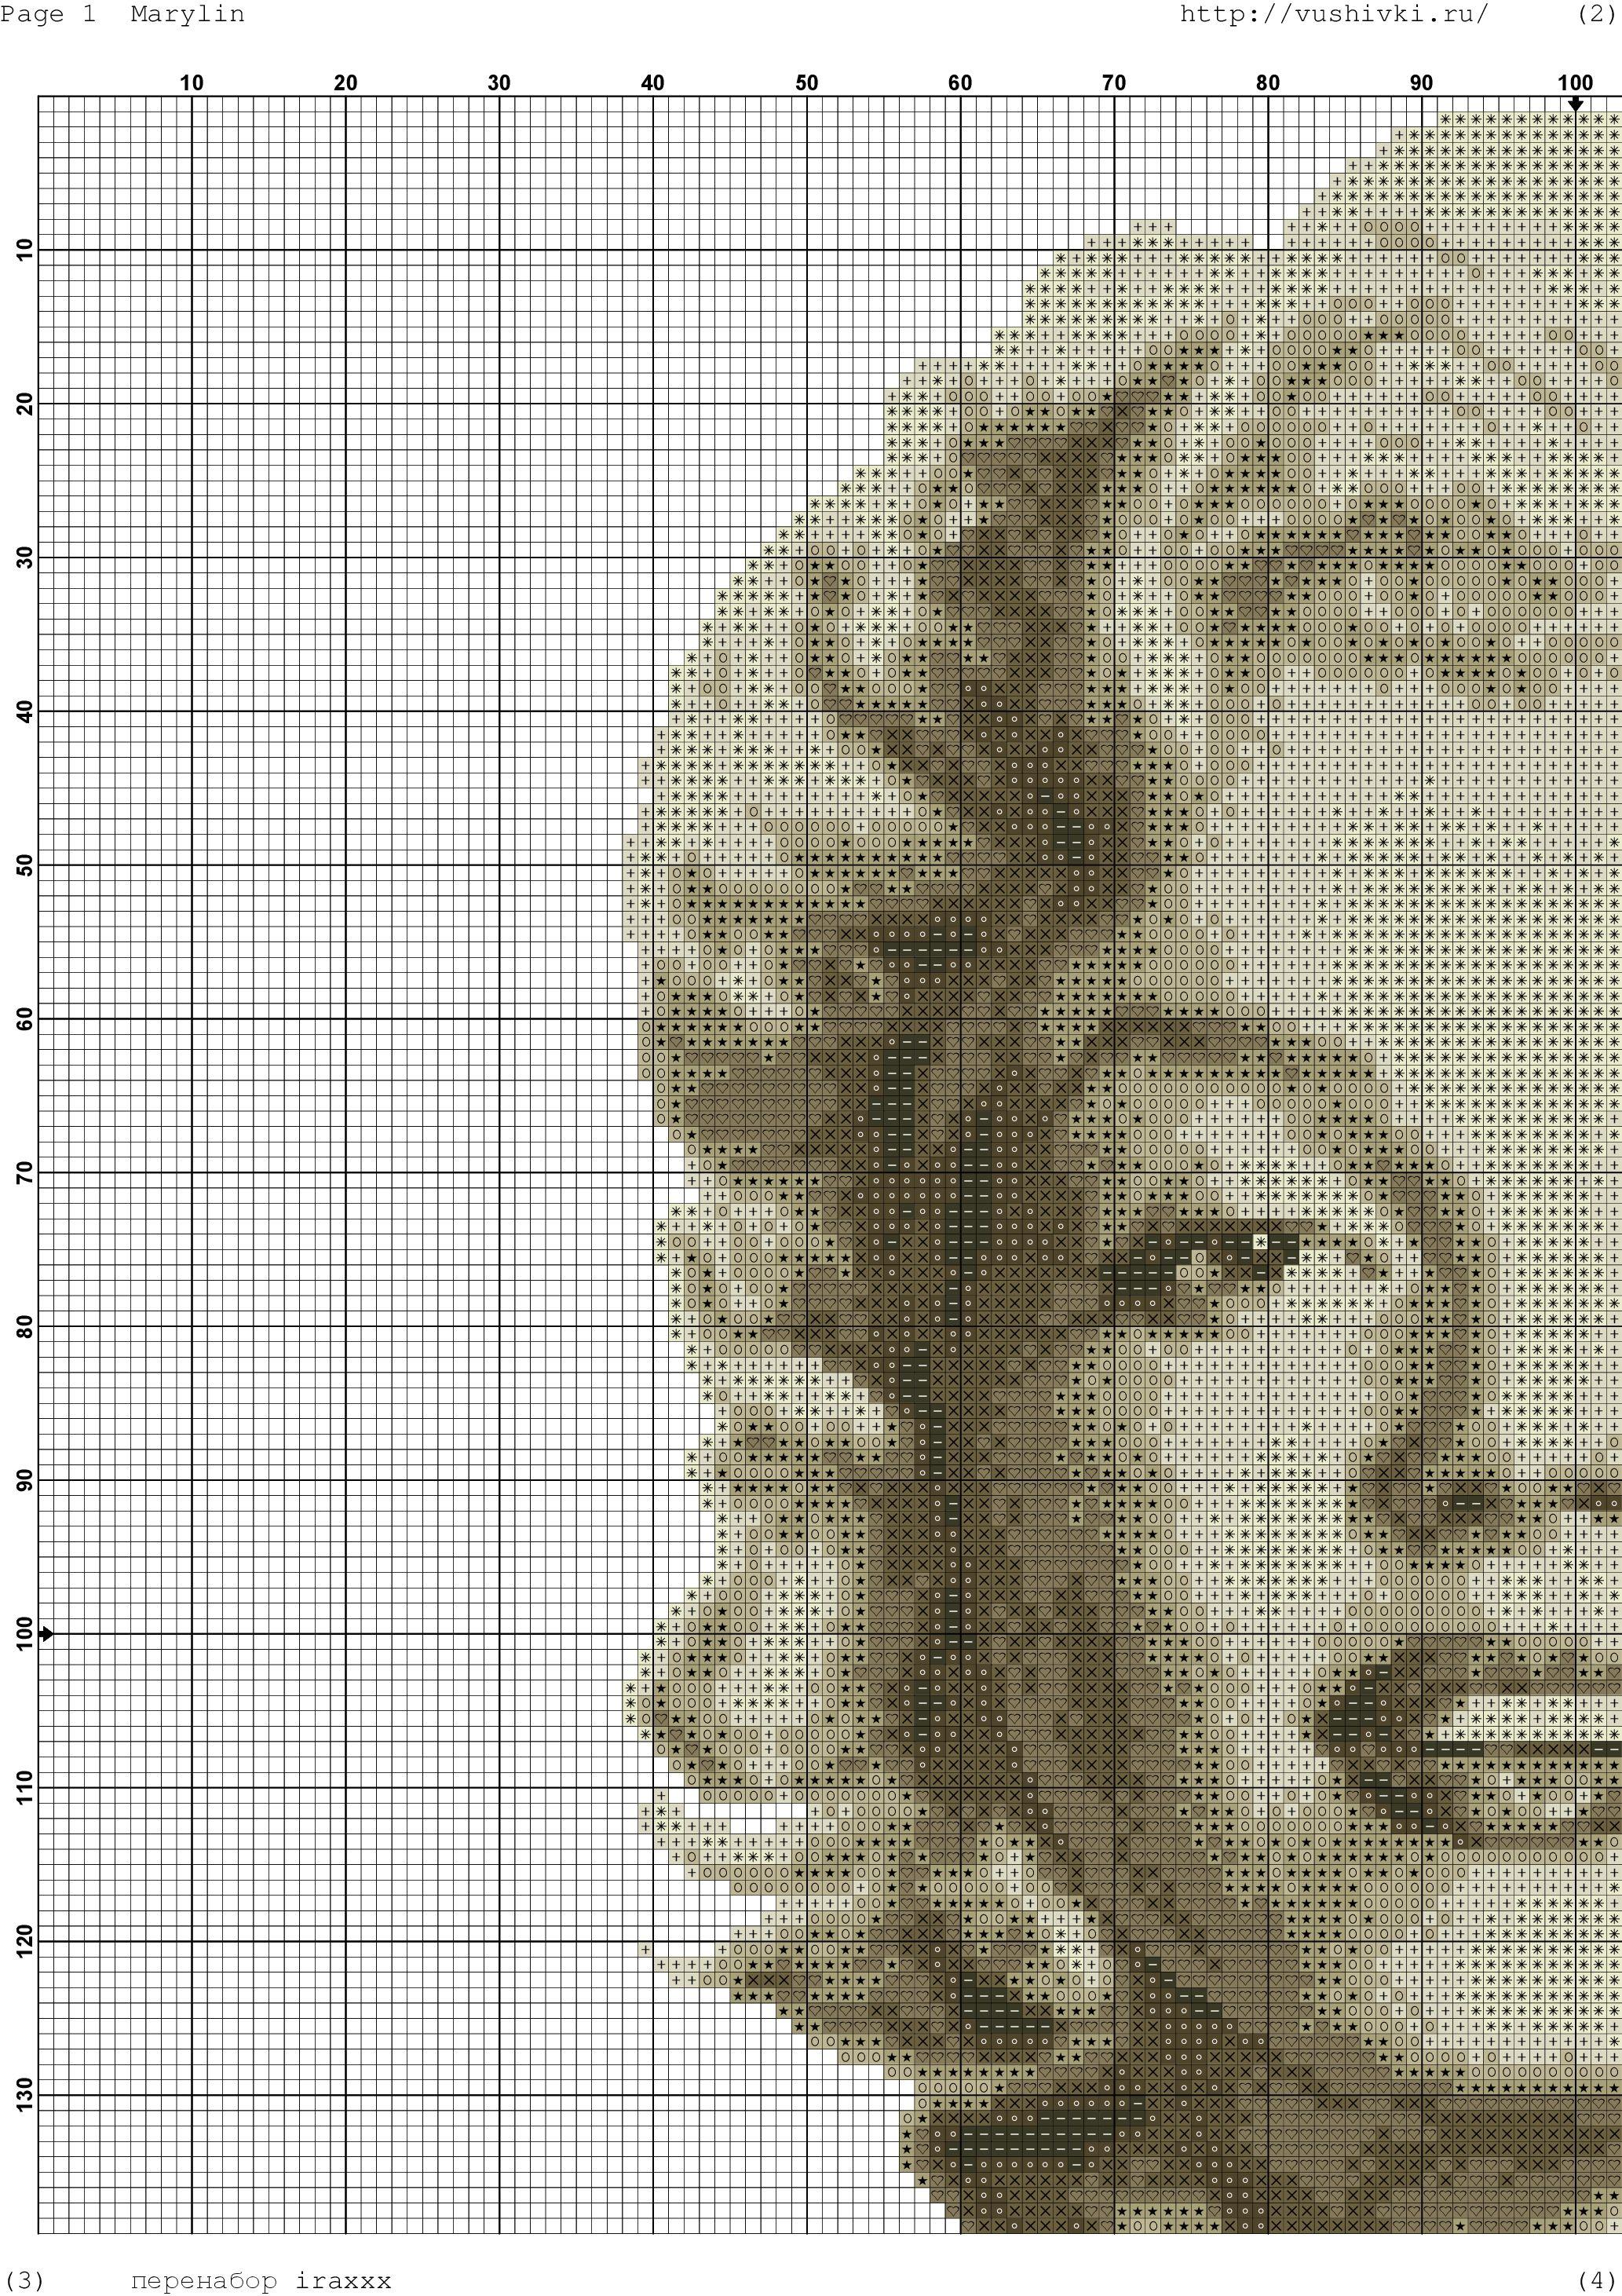 Patrón Marilyn Monroe a punto de cruz - Patrones gratis